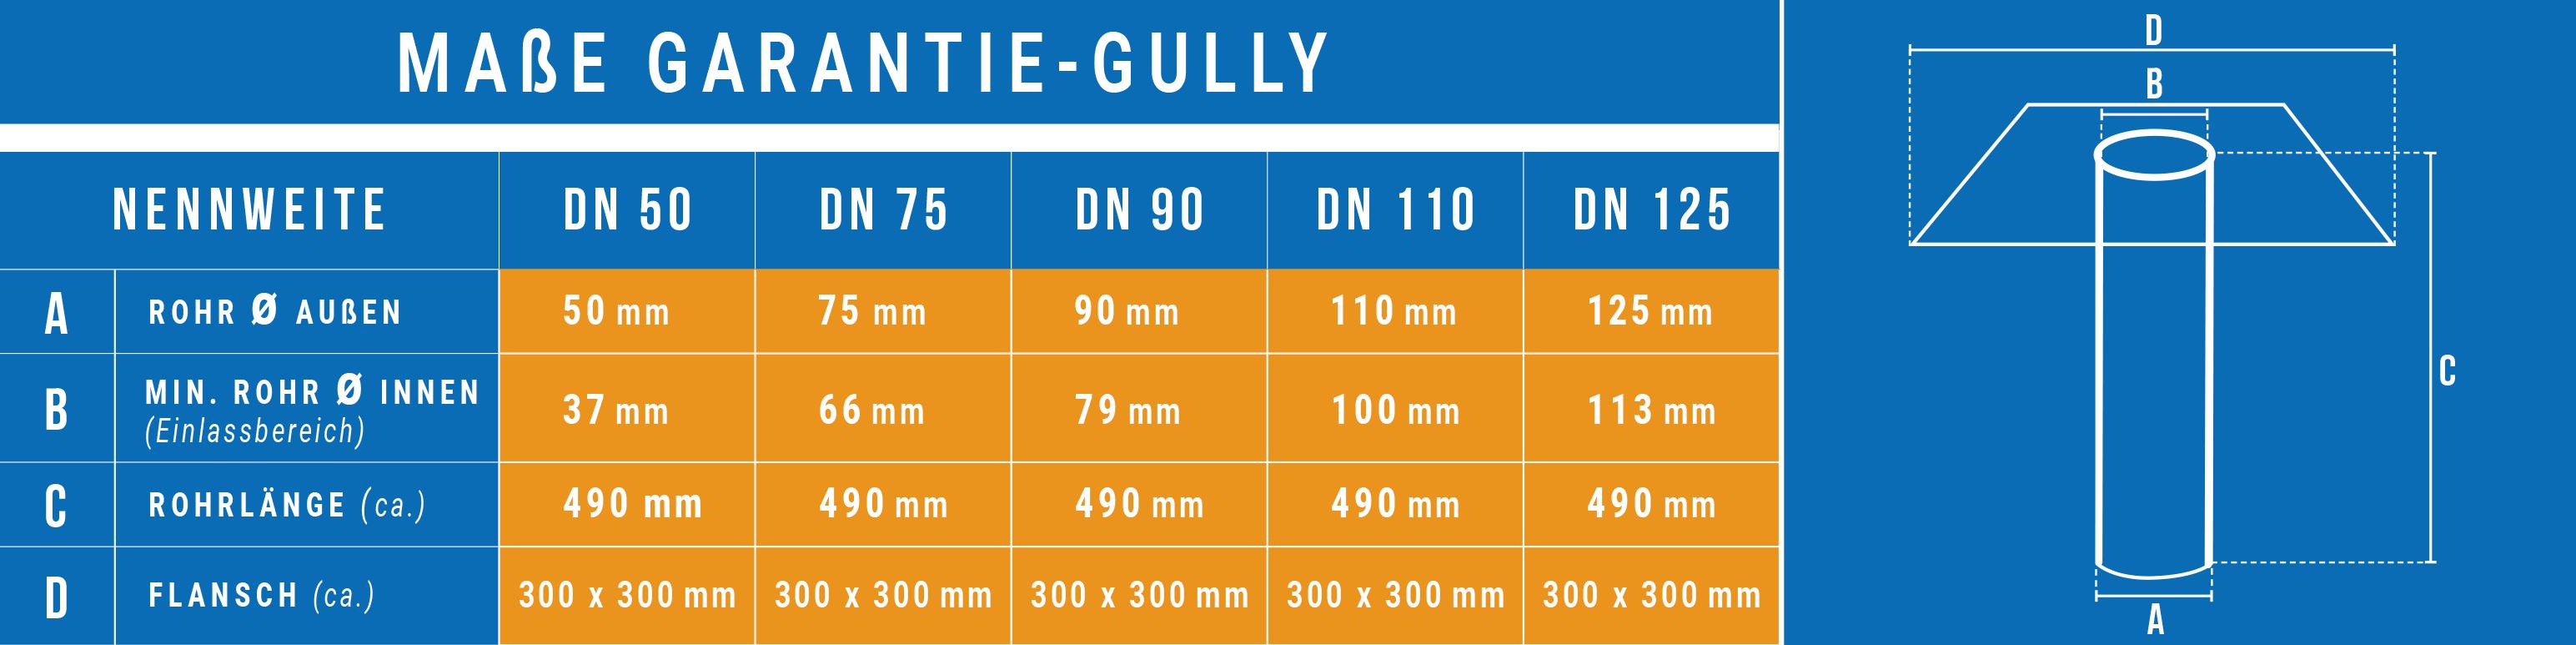 Garantie-Gully